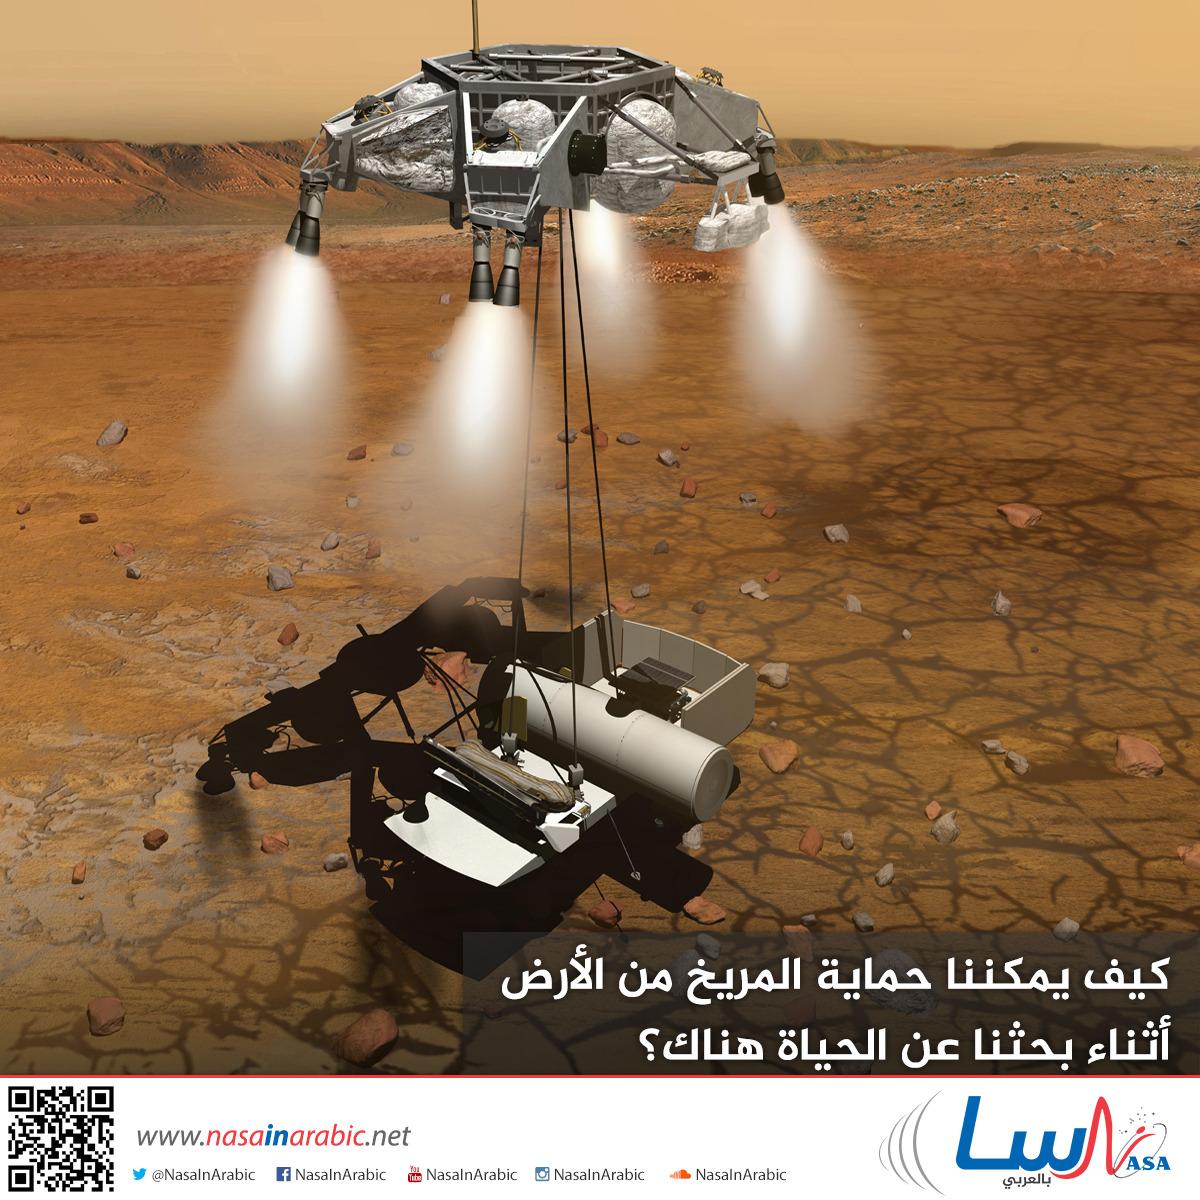 كيف يمكننا حماية المريخ من الأرض أثناء بحثنا عن الحياة هناك؟